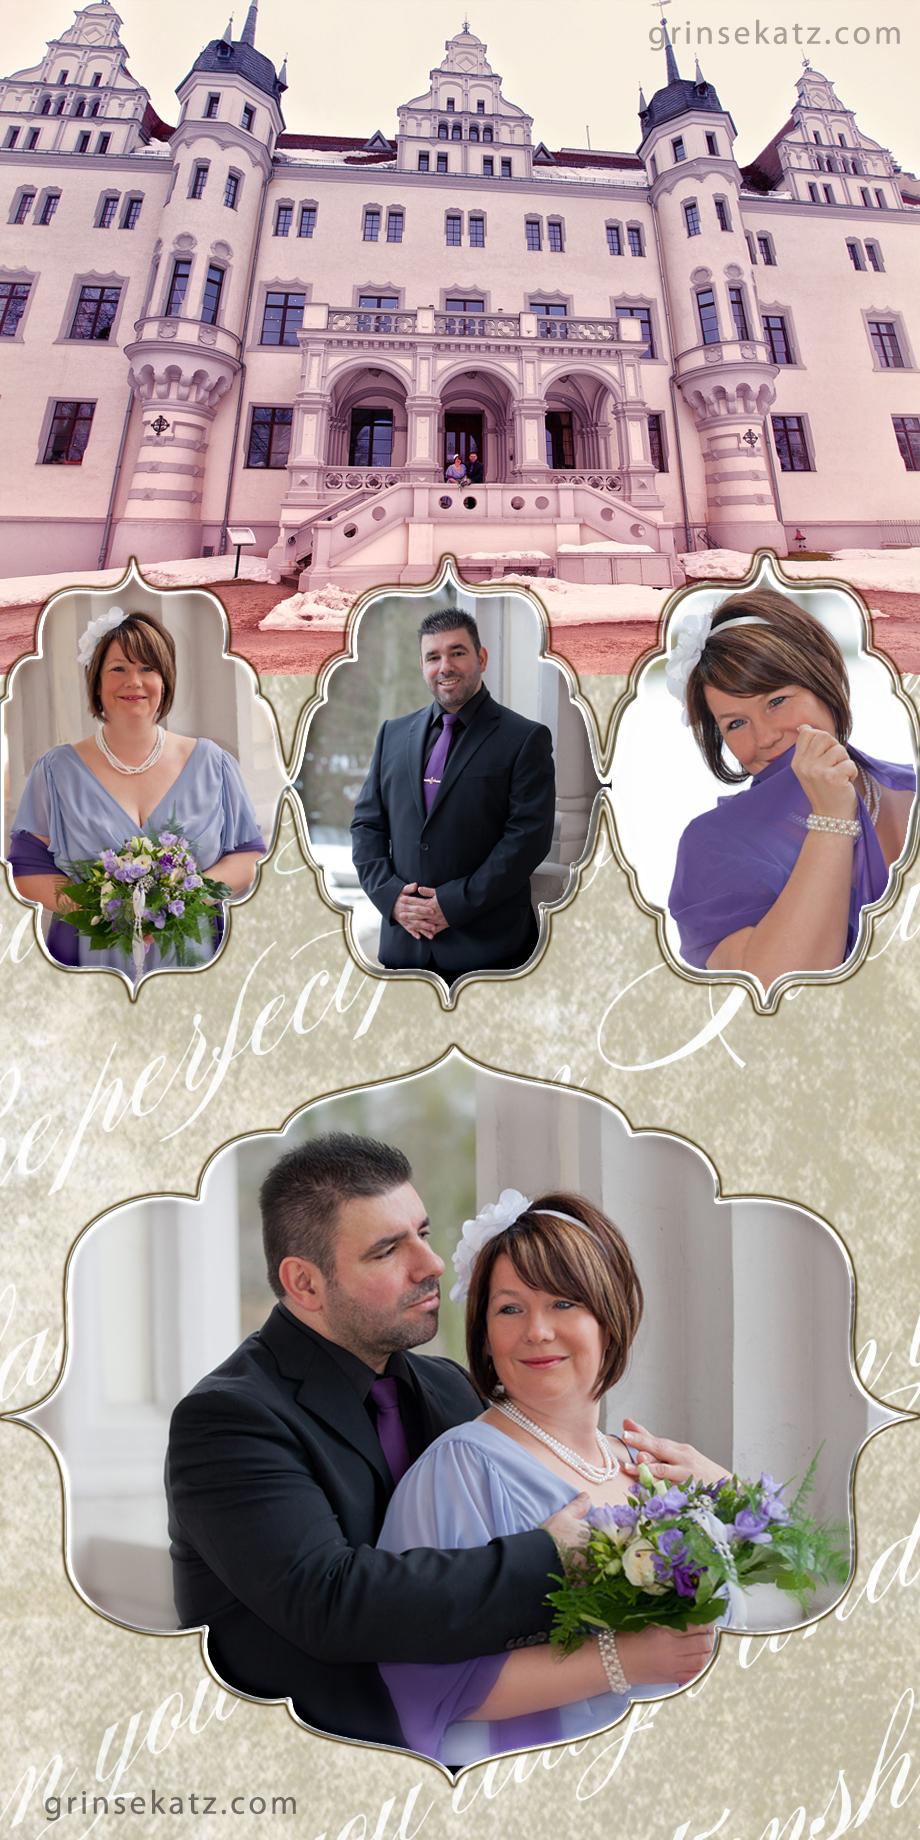 Hochzeit-fotograf-hochzeitsfotos-Boitzenburg